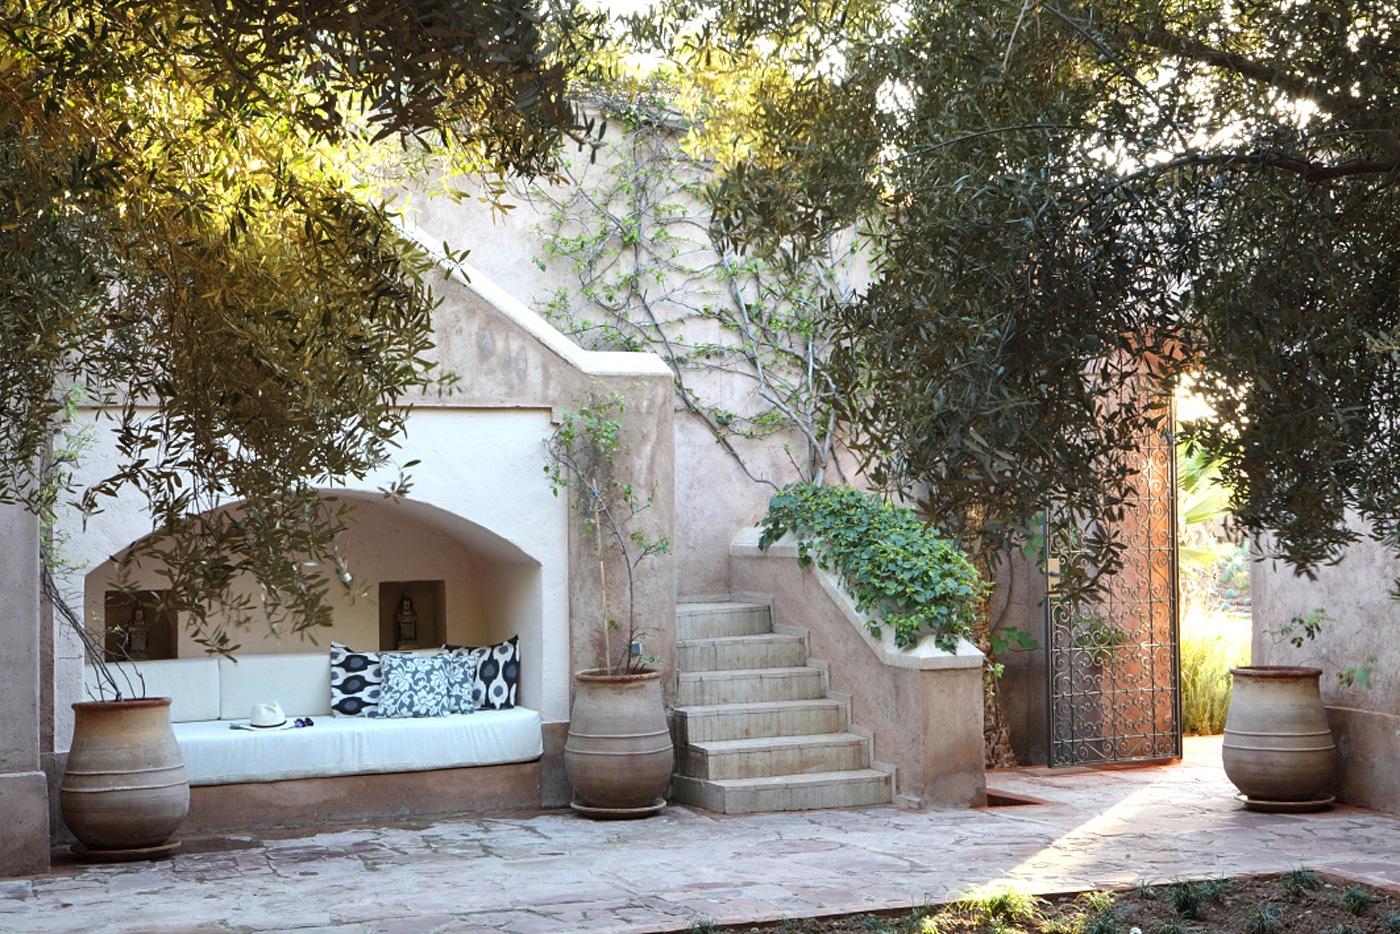 melian_randolph_Marrakech_1